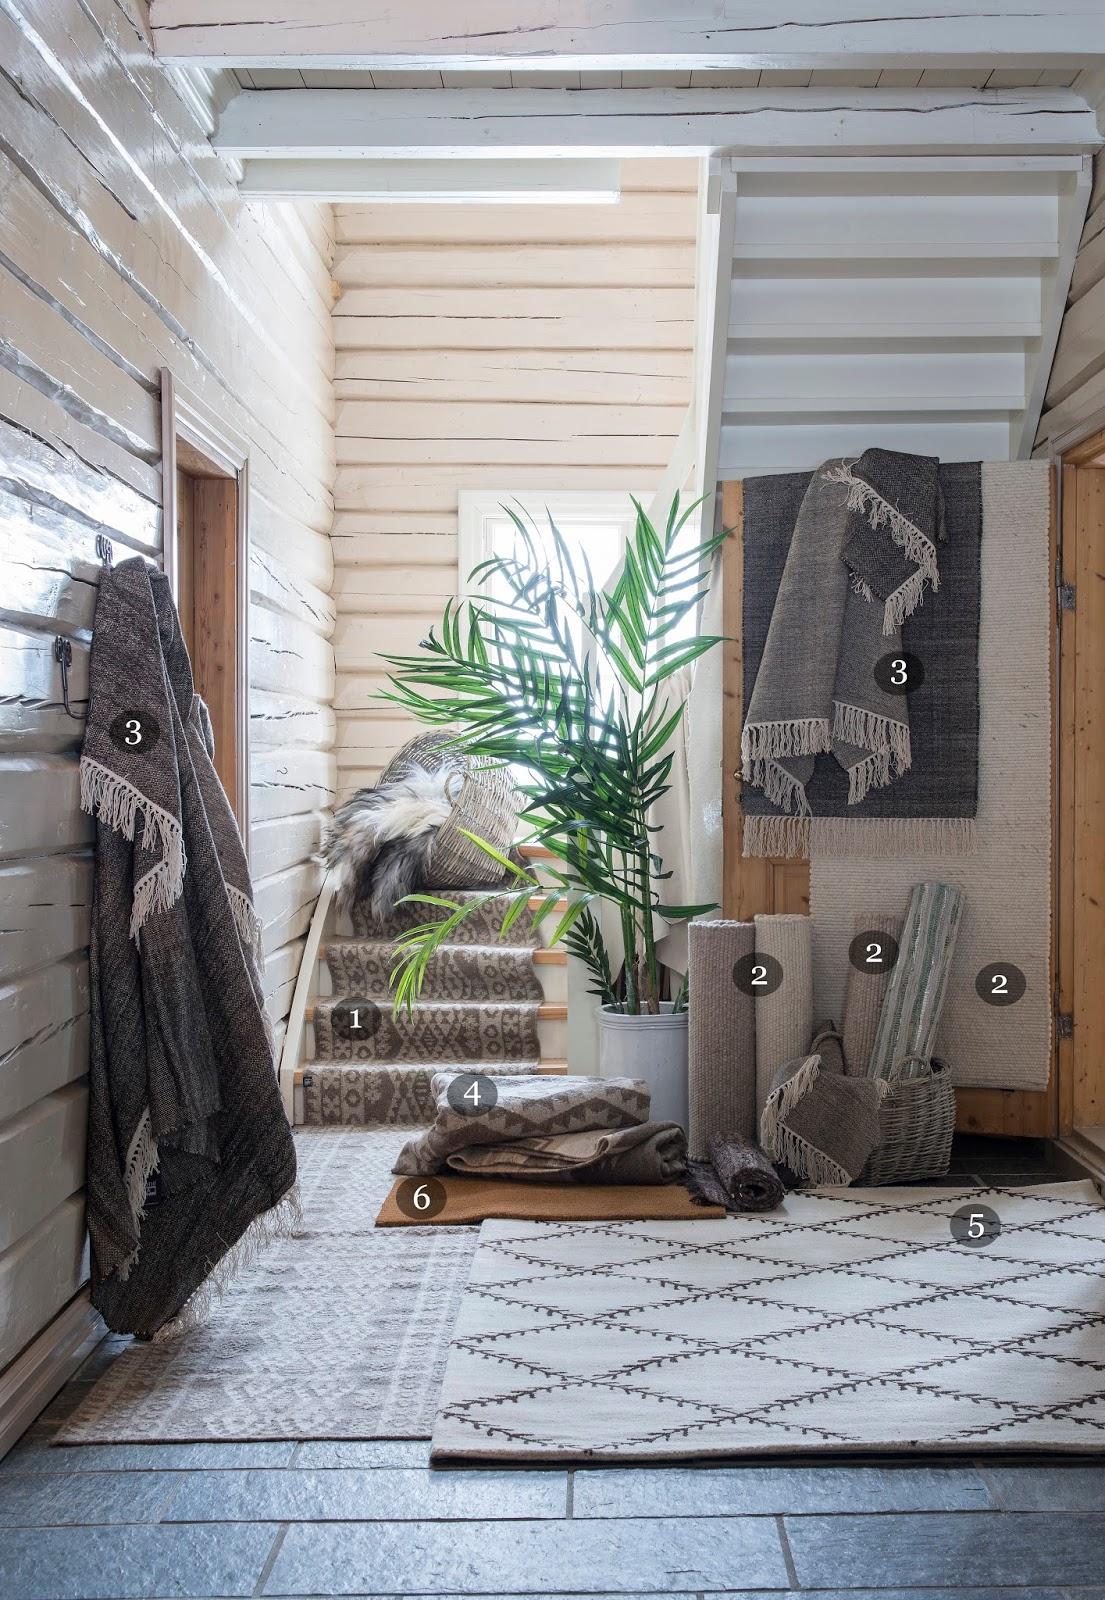 Ungdommelig Blogg Home and Cottage: Gode tilbud på tepper DL-86